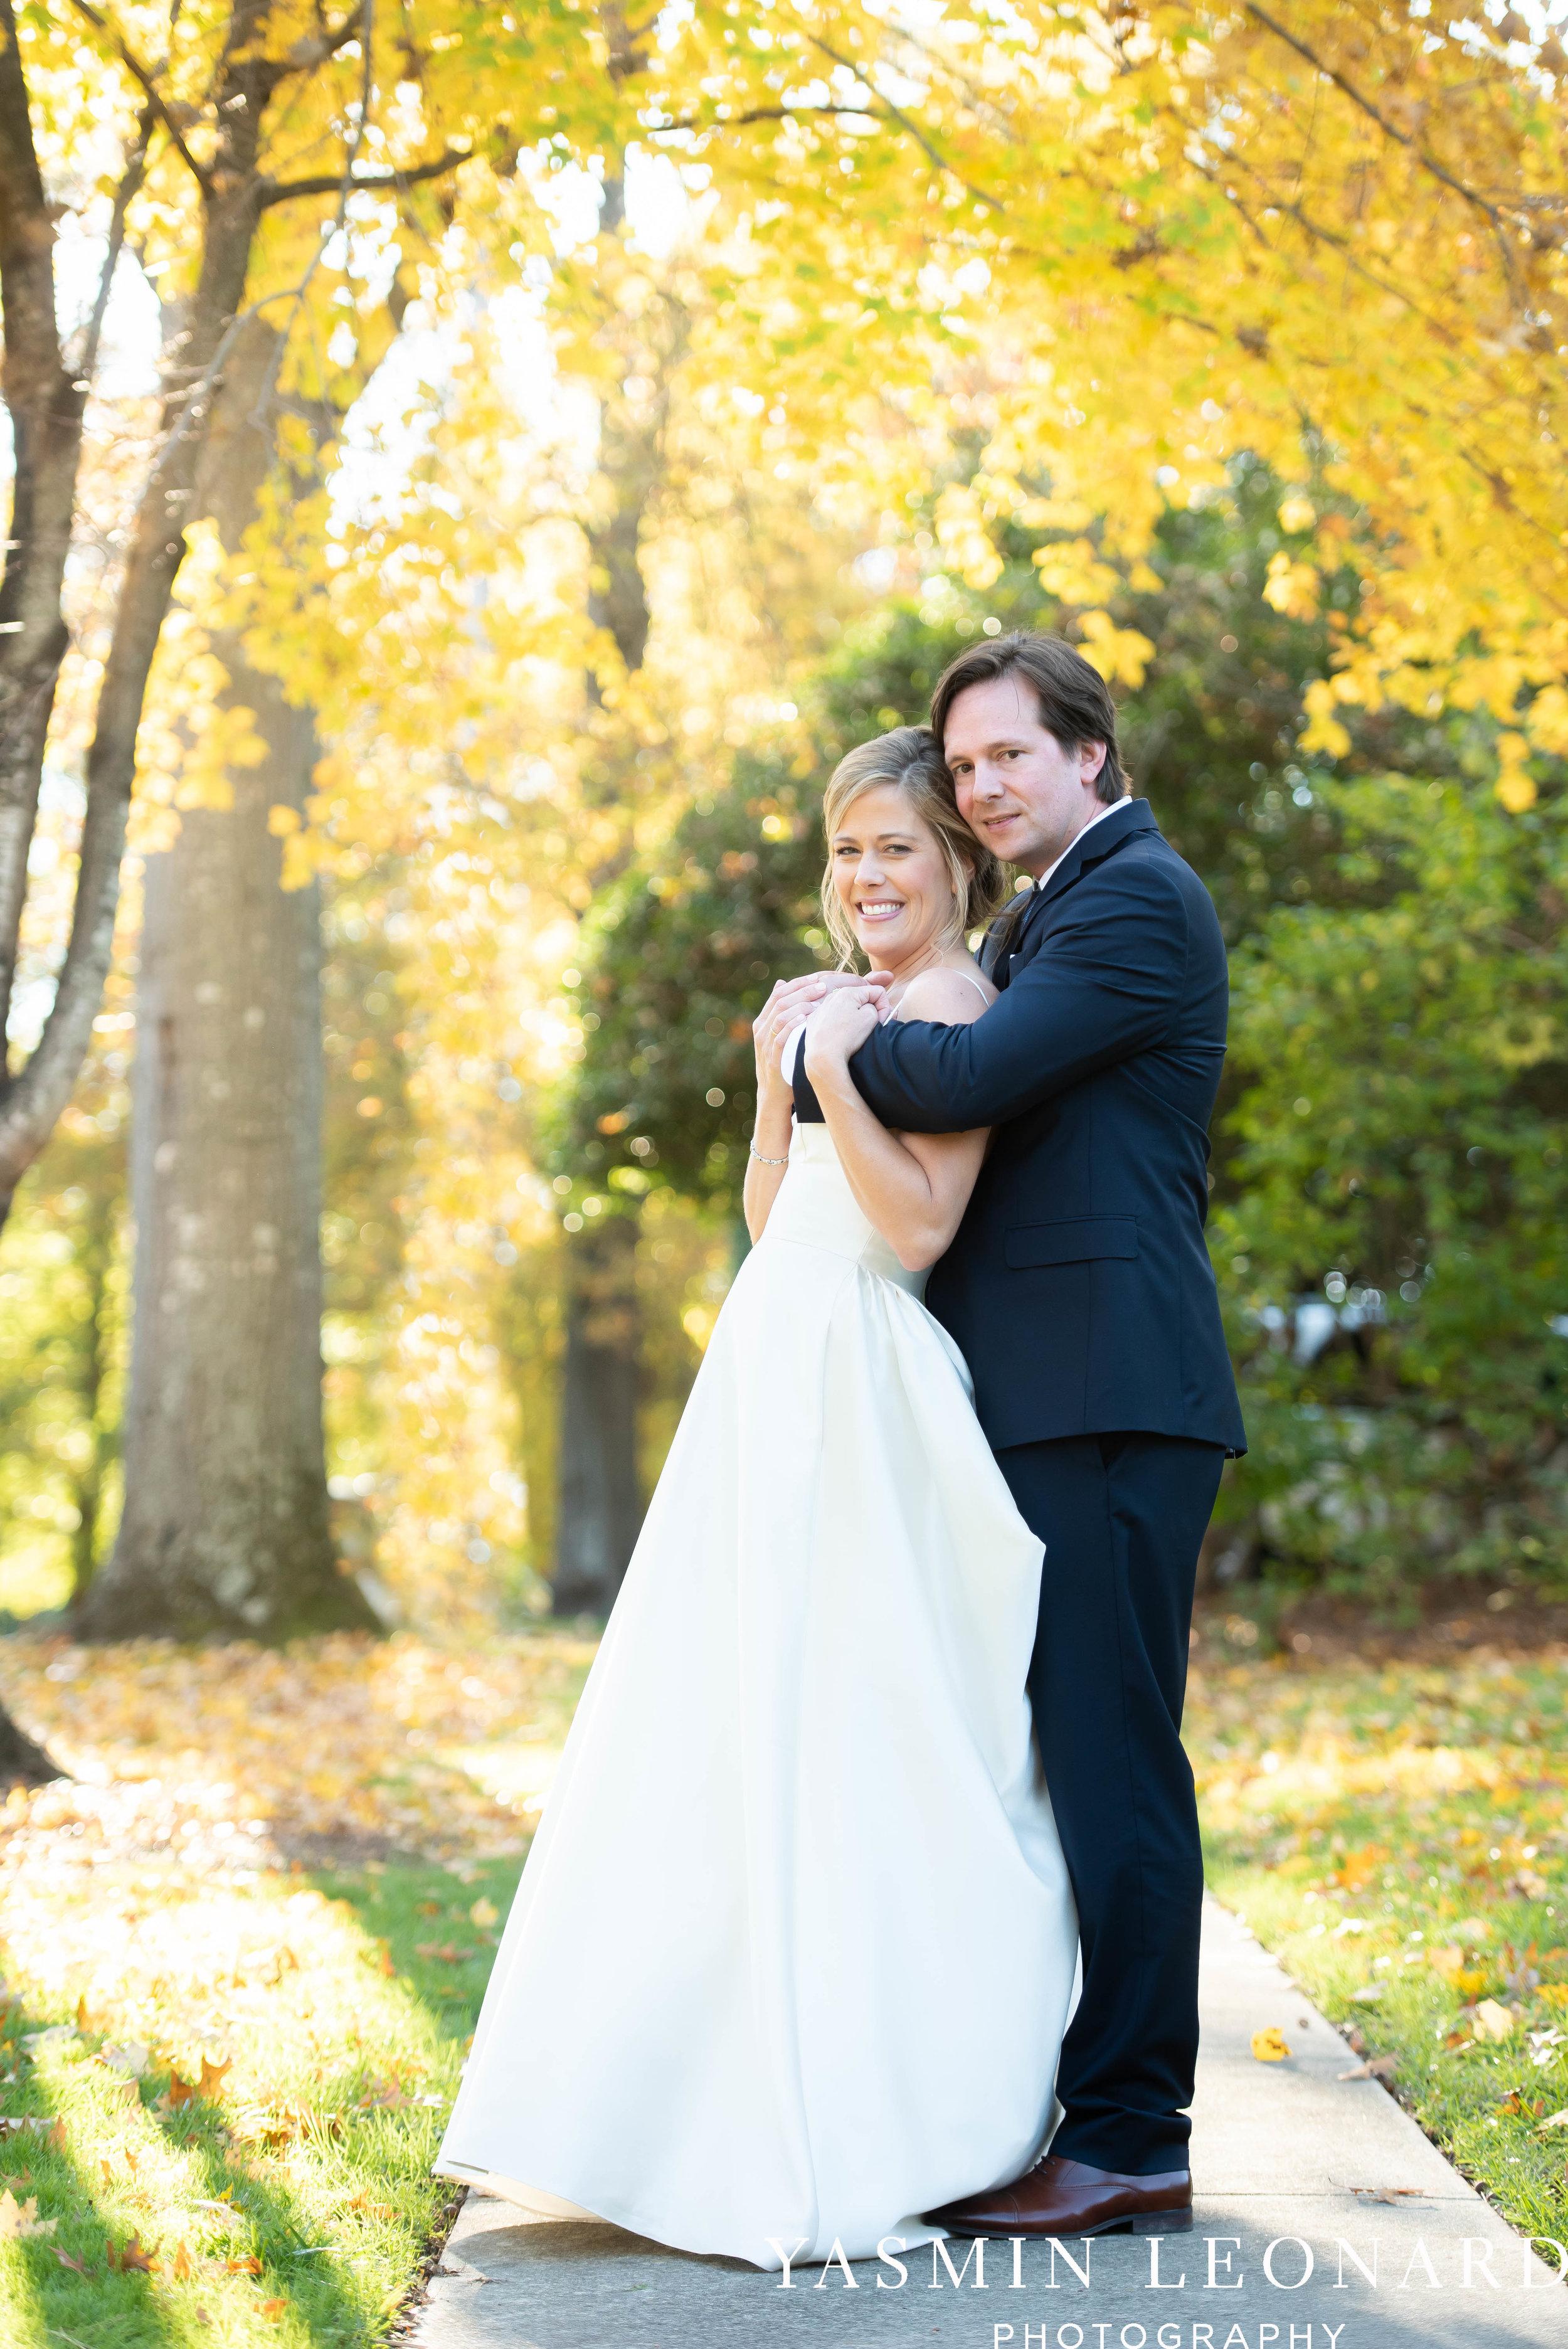 Wesley Memorial United Methodist Church - EmeryWood - High Point Weddings - High Point Wedding Photographer - NC Wedding Photographer - Yasmin Leonard Photography-57.jpg